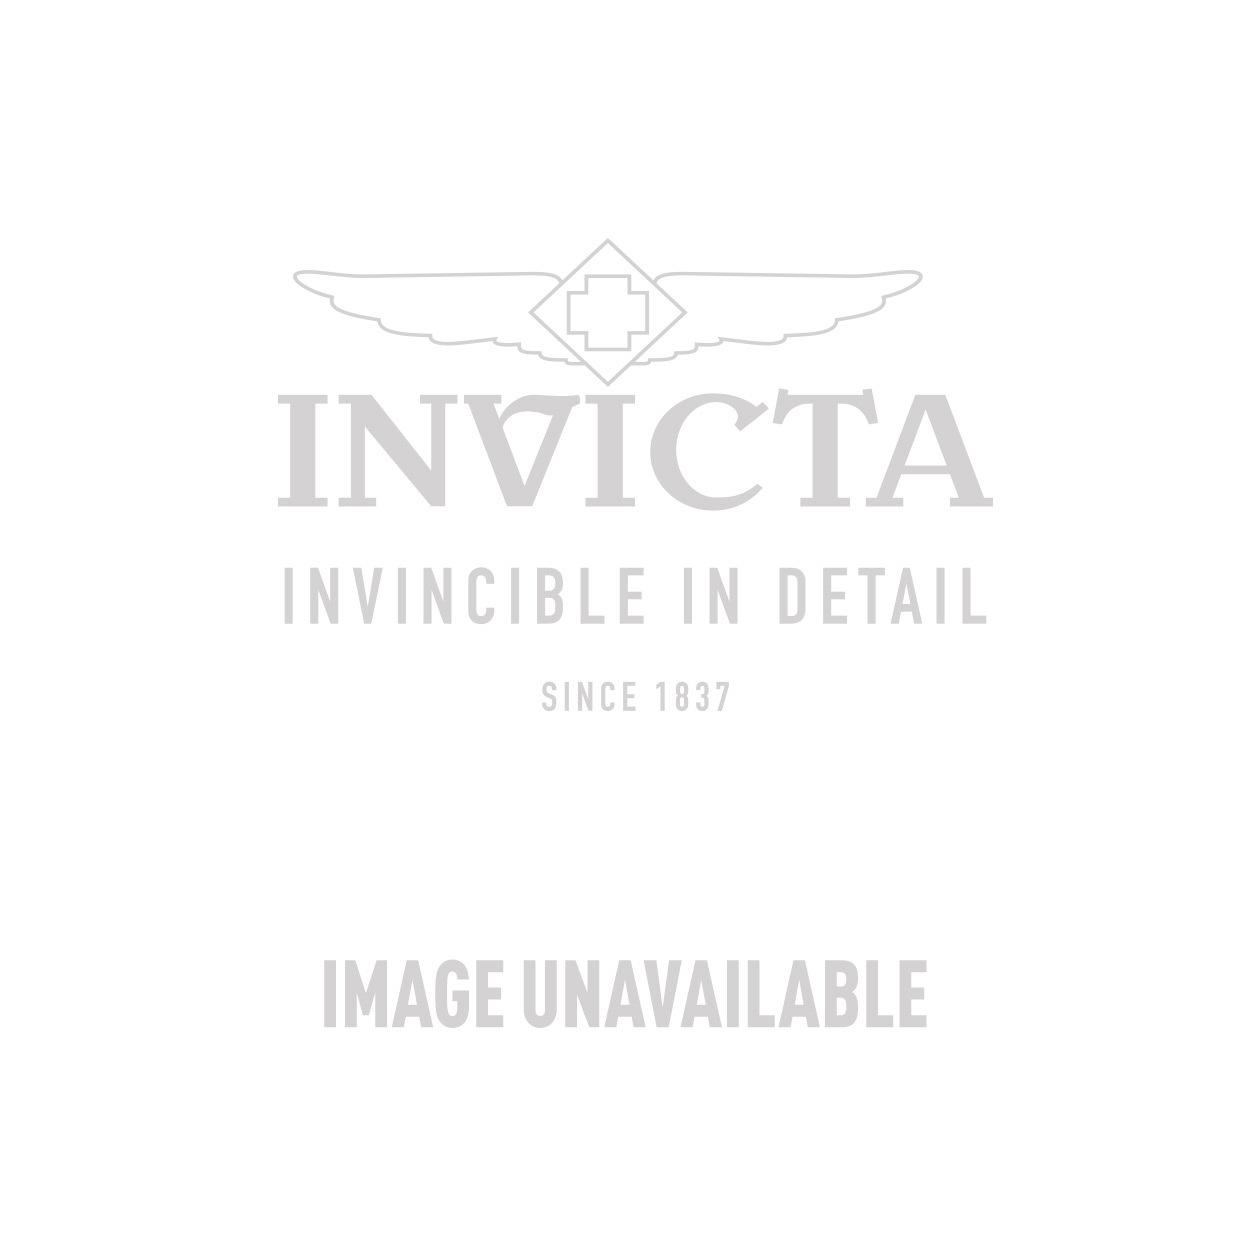 Invicta Model 28912